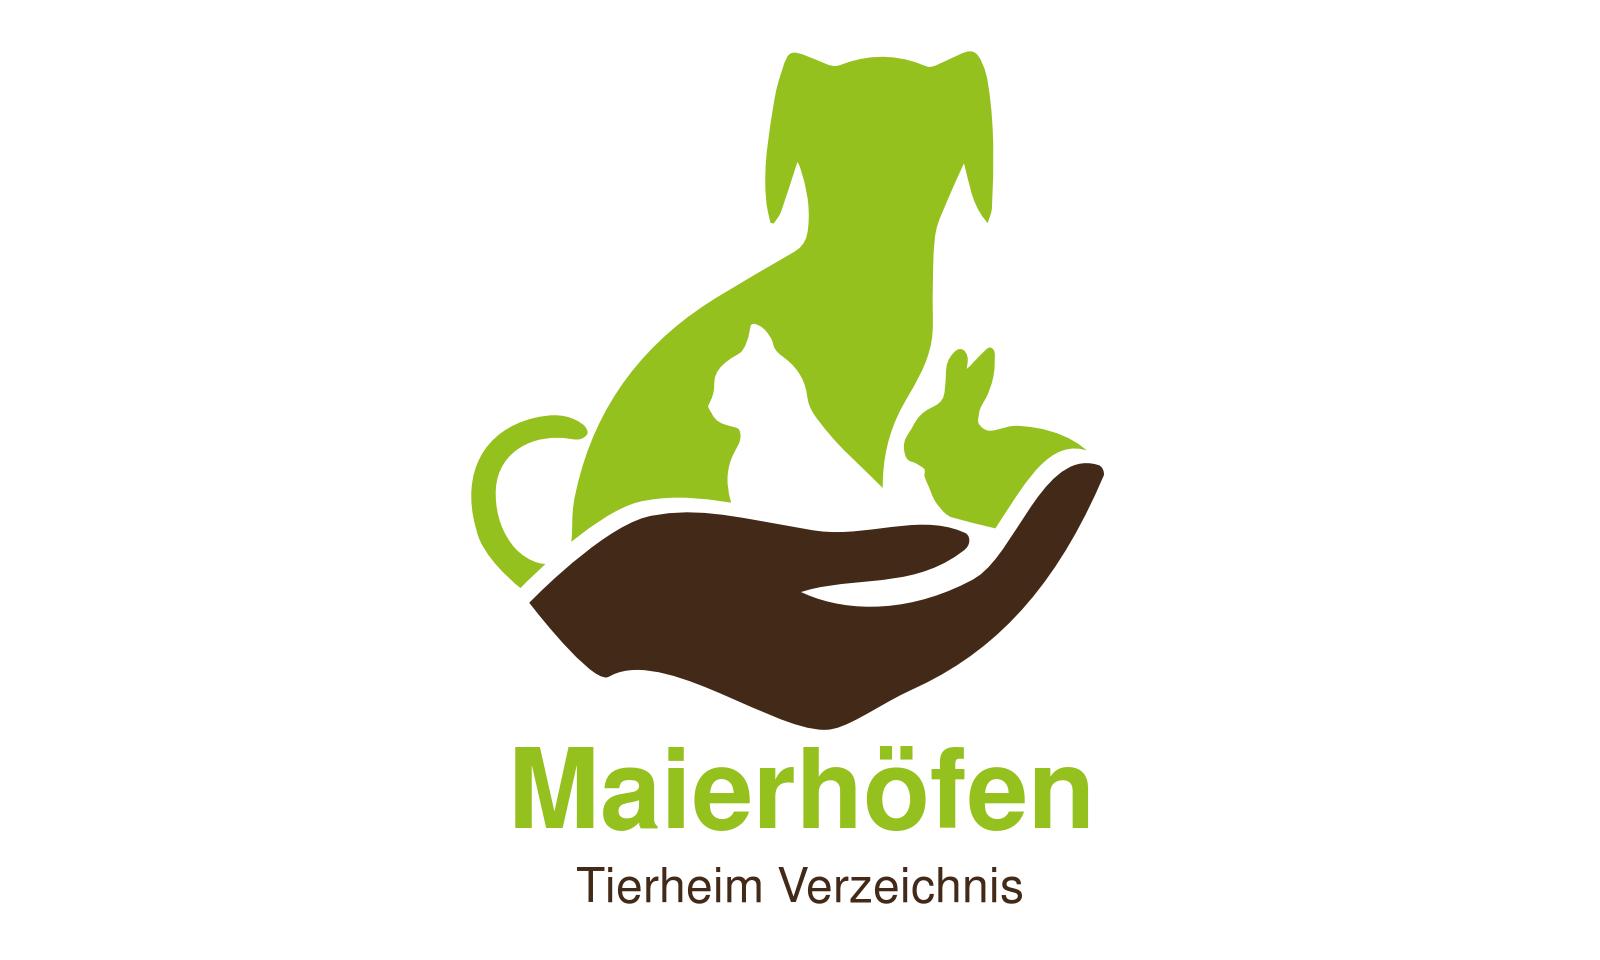 Tierheim Maierhöfen